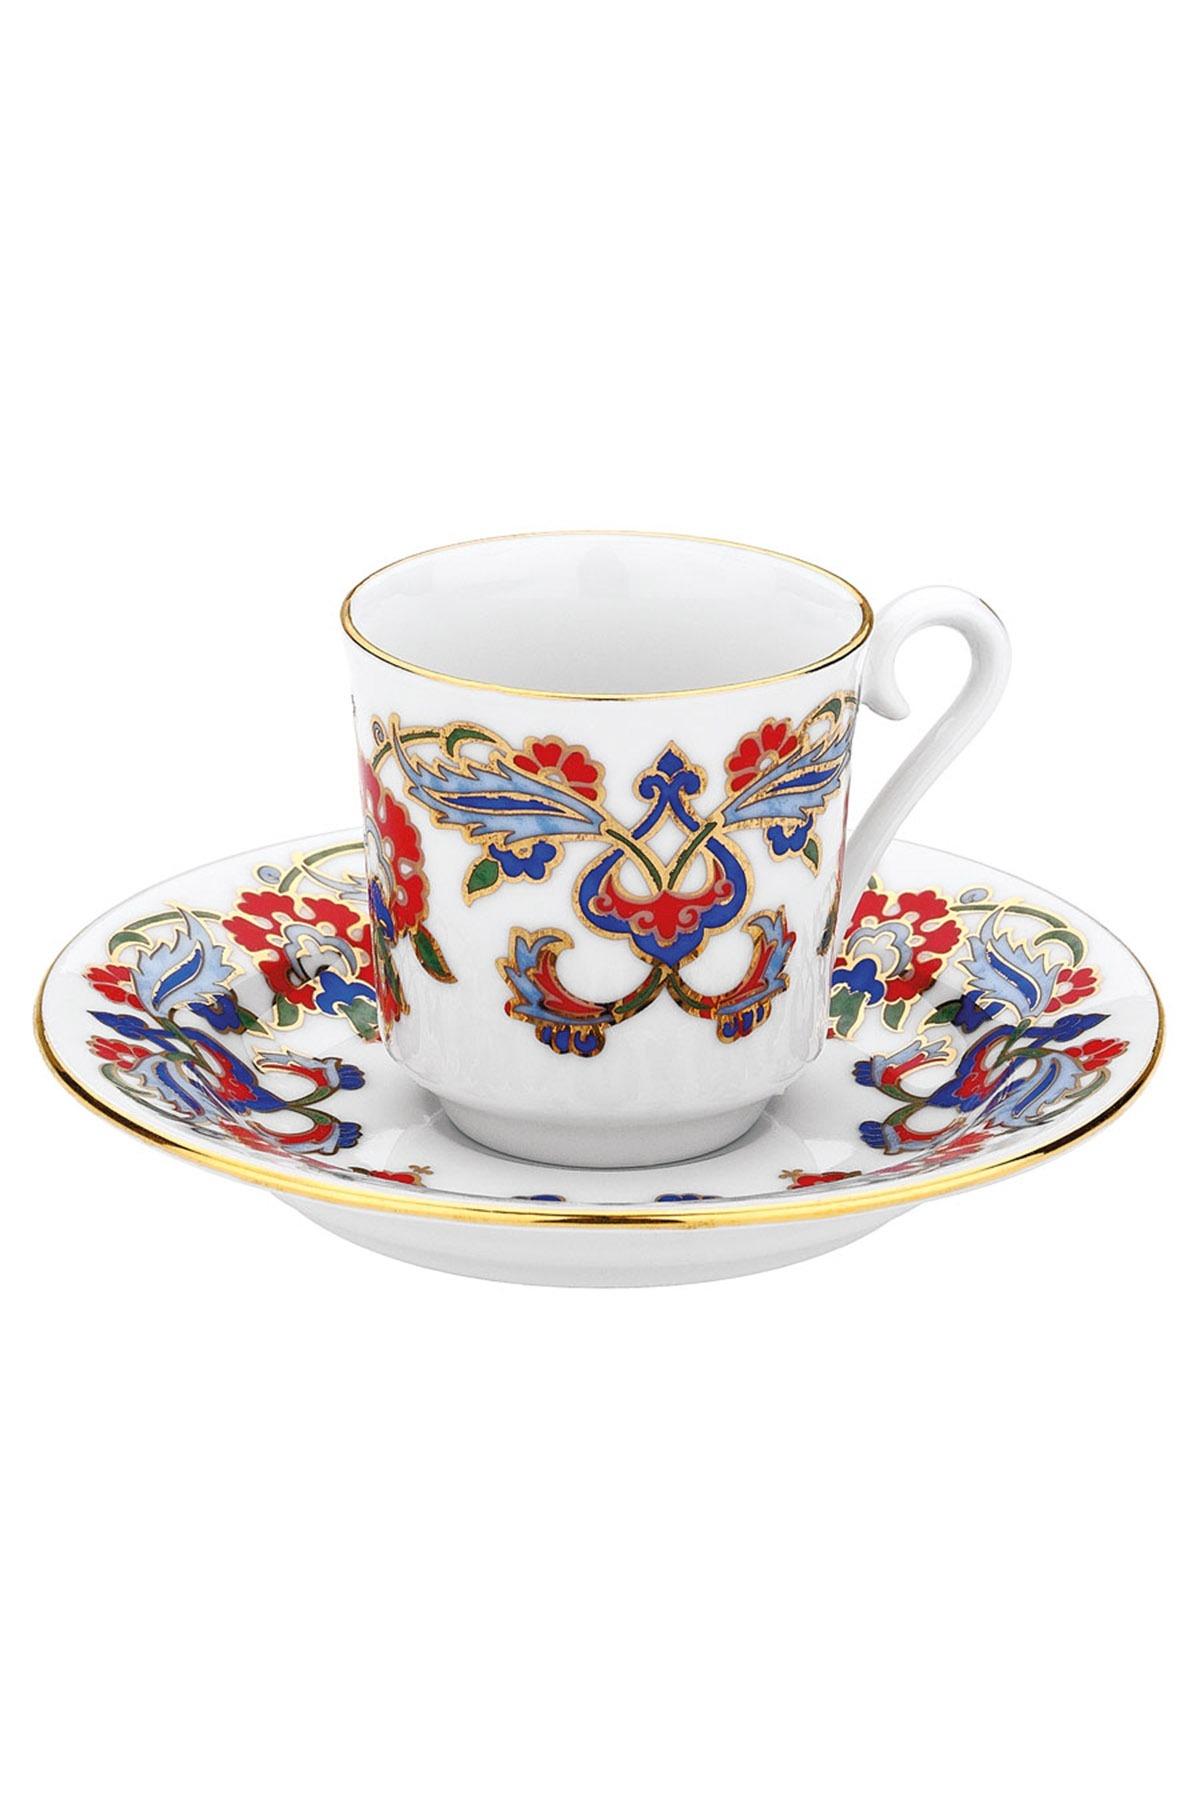 KÜTAHYA PORSELEN - Kütahya Porselen 452 Desen Kahve Fincan Takımı